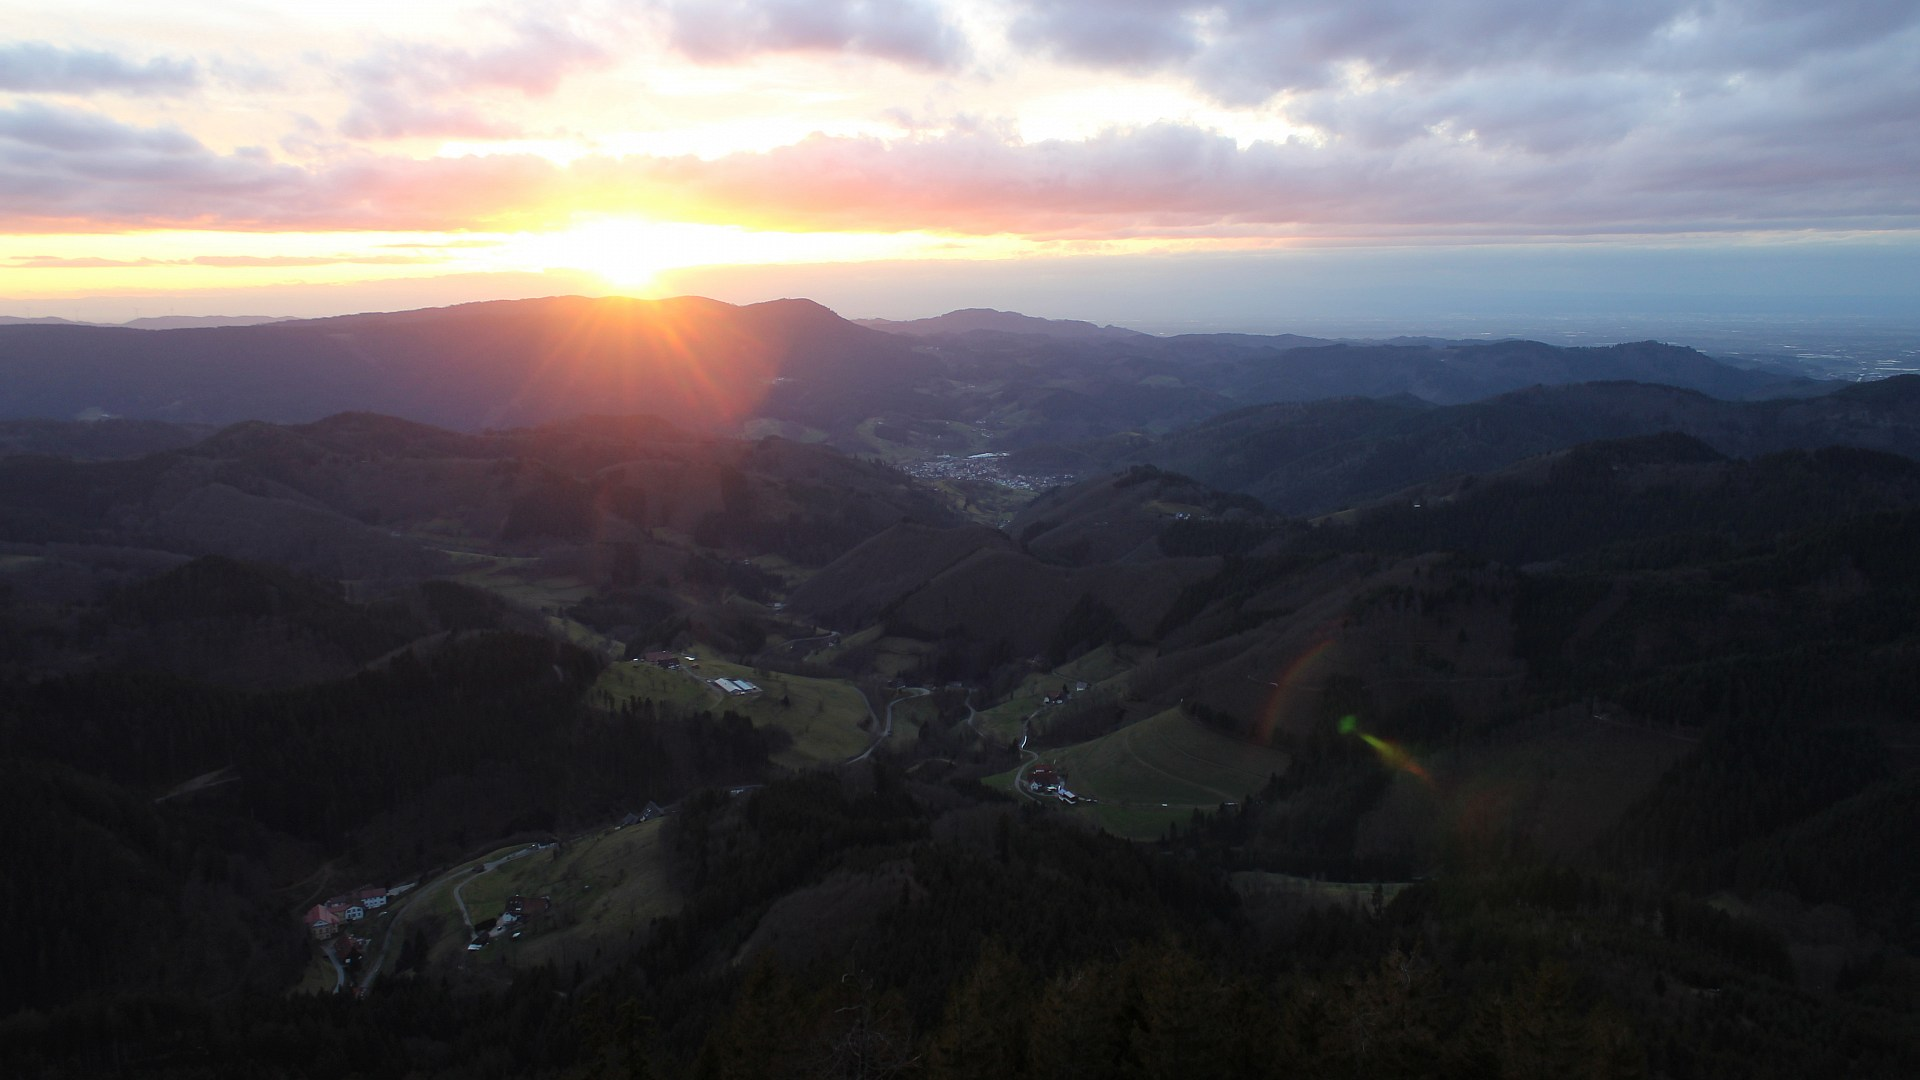 Aufnahme: Buchkopfturm vom 20.02.2020 17:50